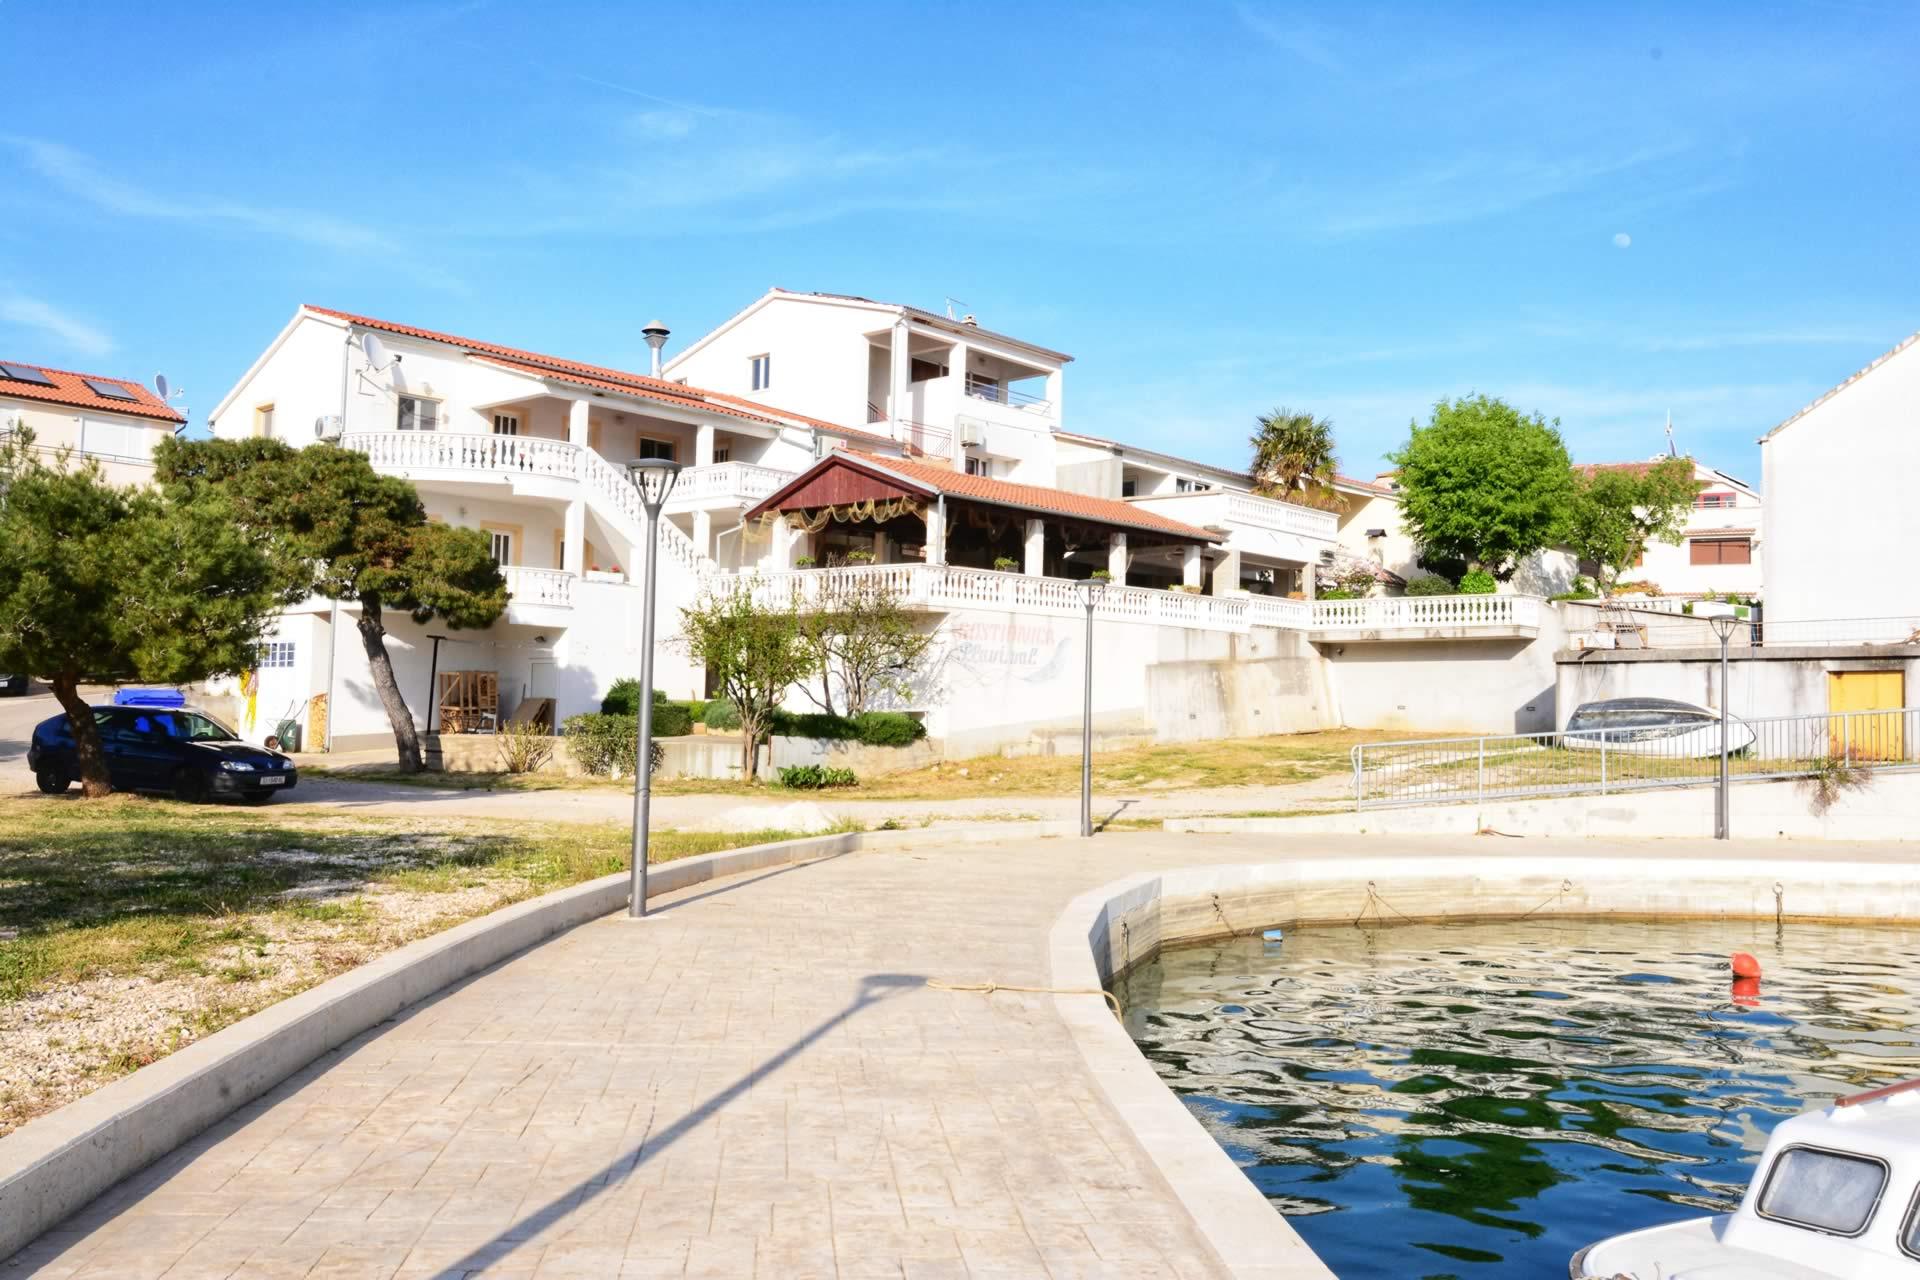 Ferienwohnungen und Apartments mit Bootsanleger, Bootsliegeplatz